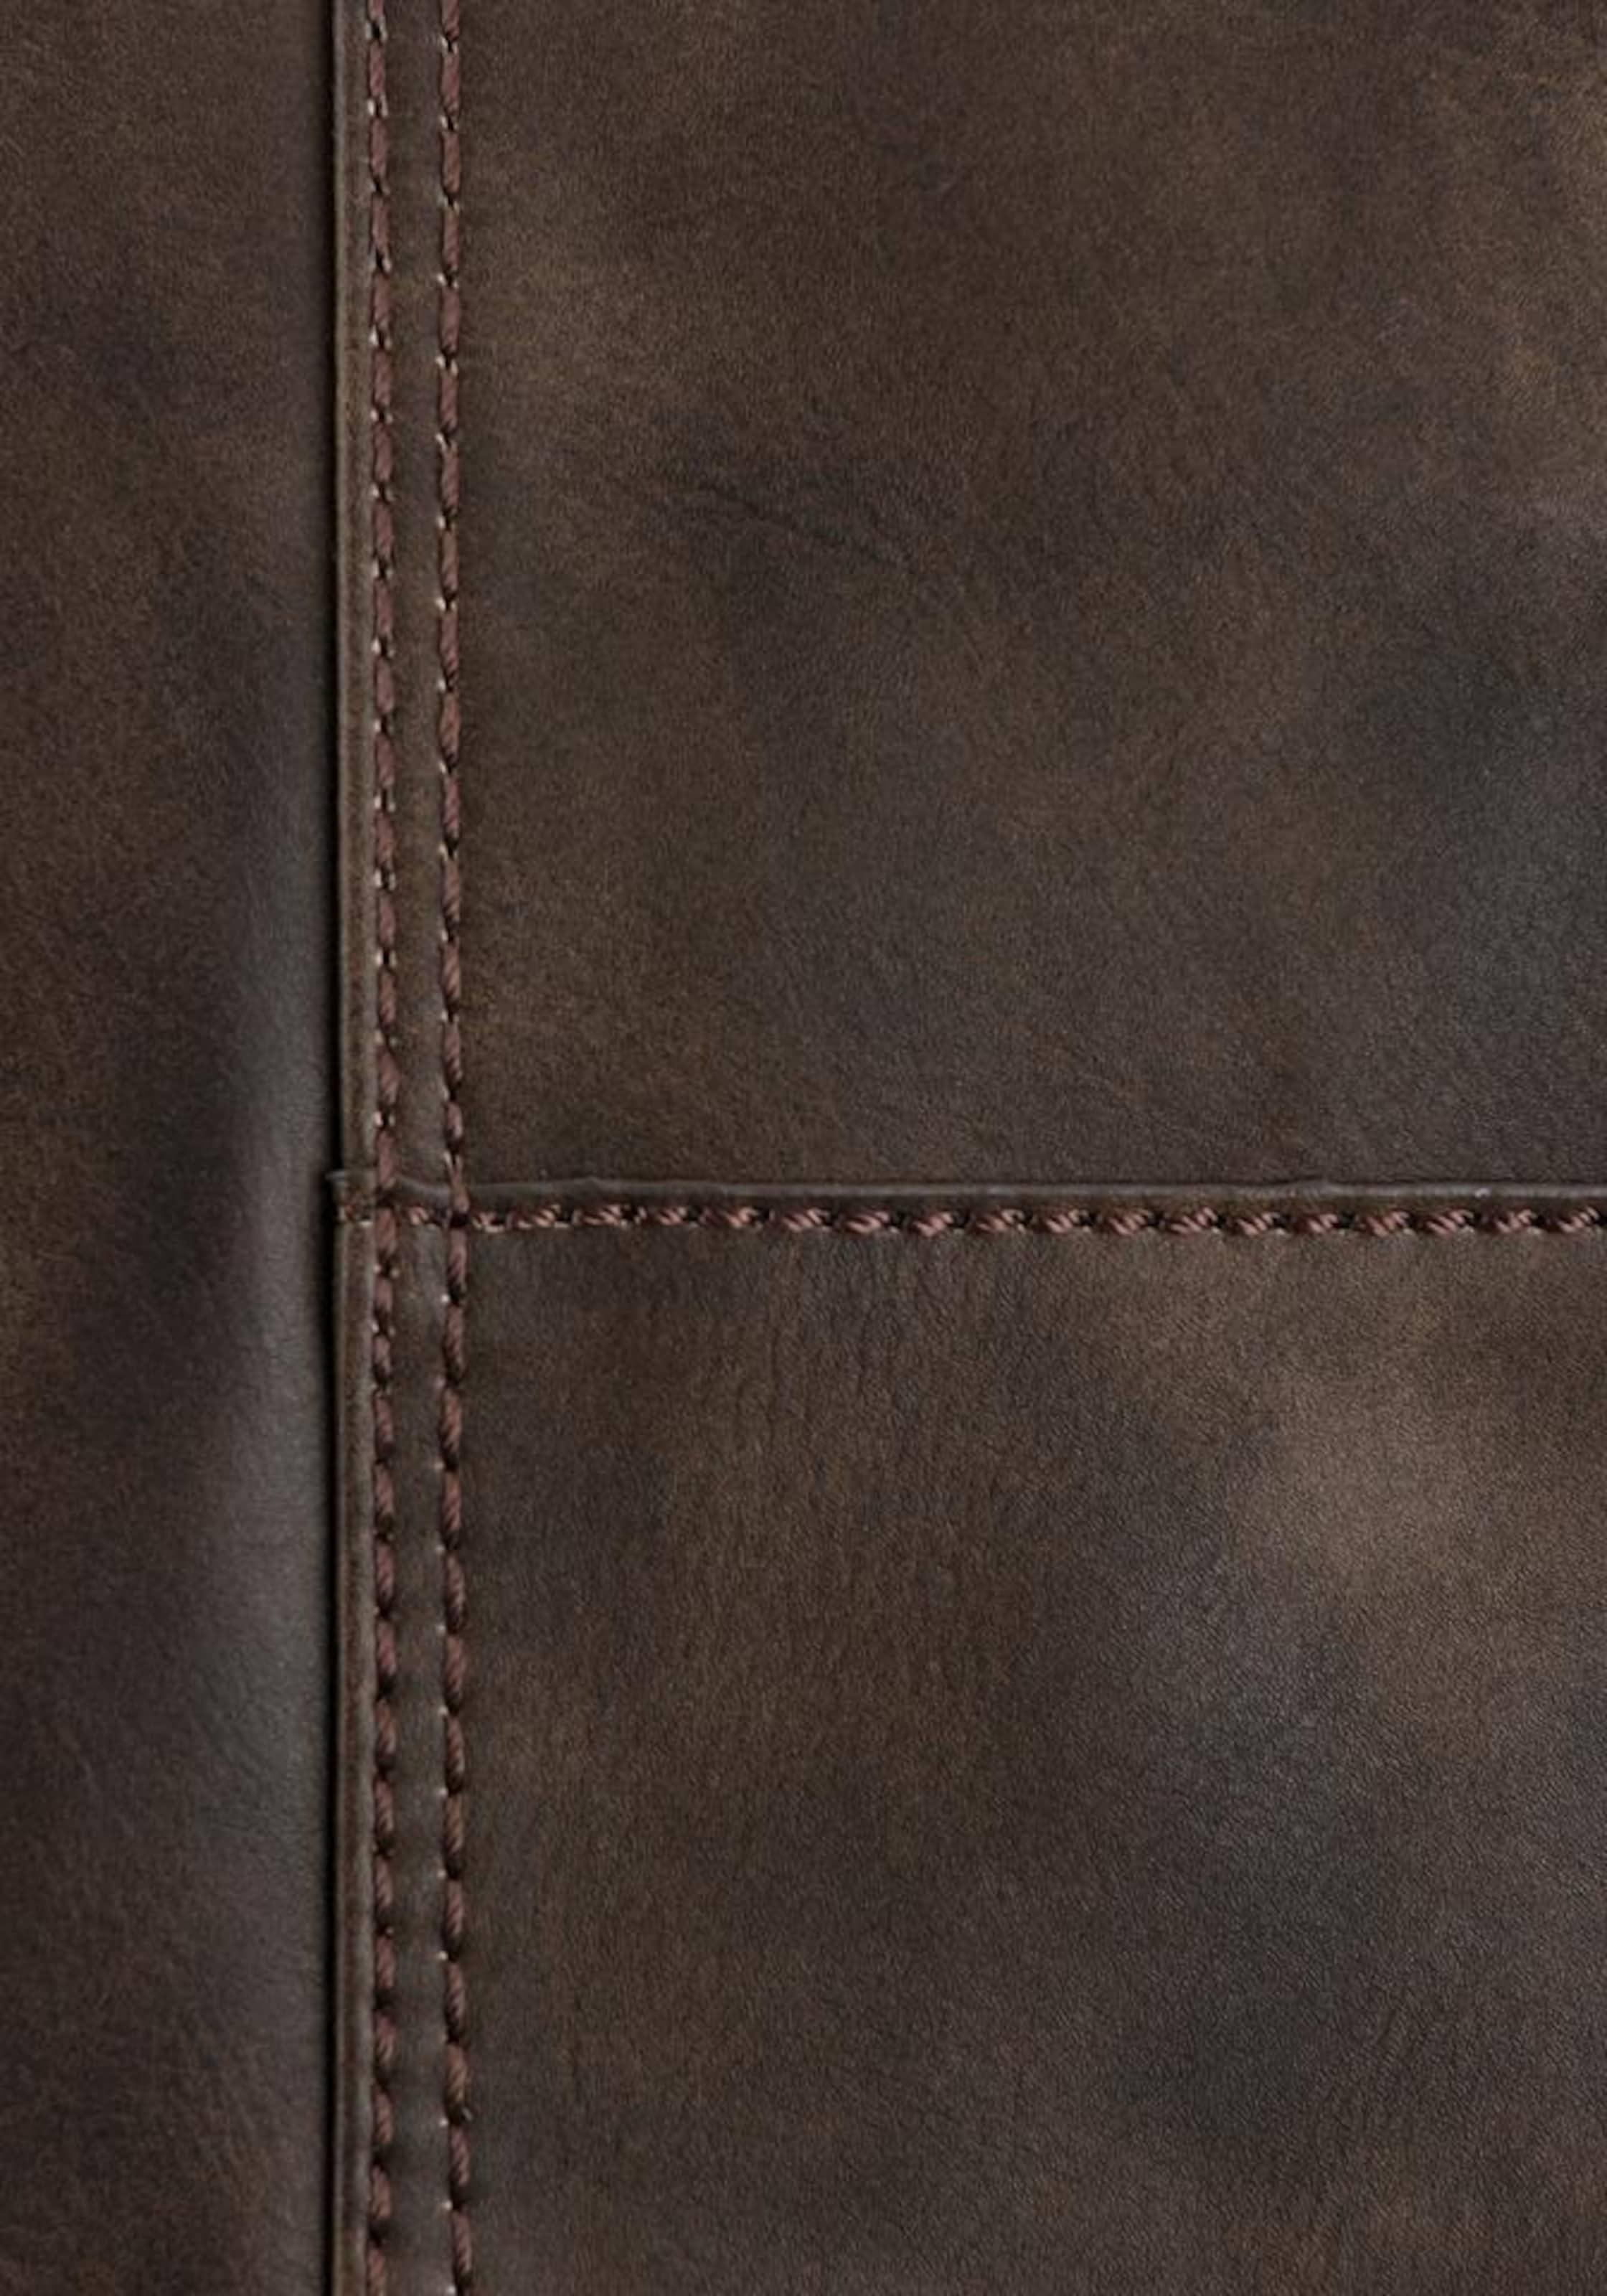 CAMEL ACTIVE Umhängetasche 'LAOS' Limited Edition Günstiger Preis Günstige Preise Und Verfügbarkeit Verkauf Geschäft Bester Ort Zum Verkauf Rabatt Echt VQry5FtCDm